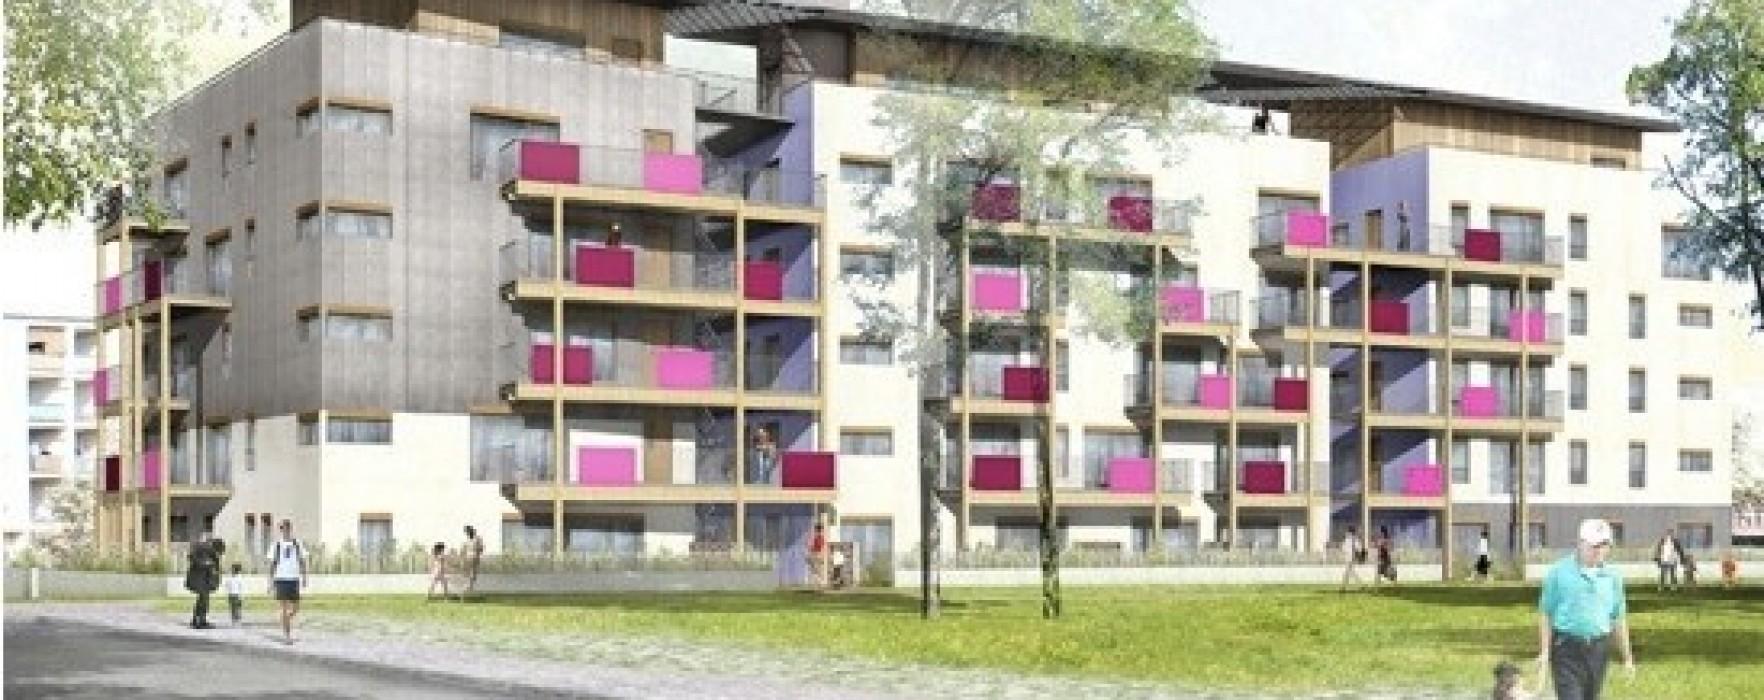 L habitat participatif qu est ce que c est oblik architectes for Est habitat construction